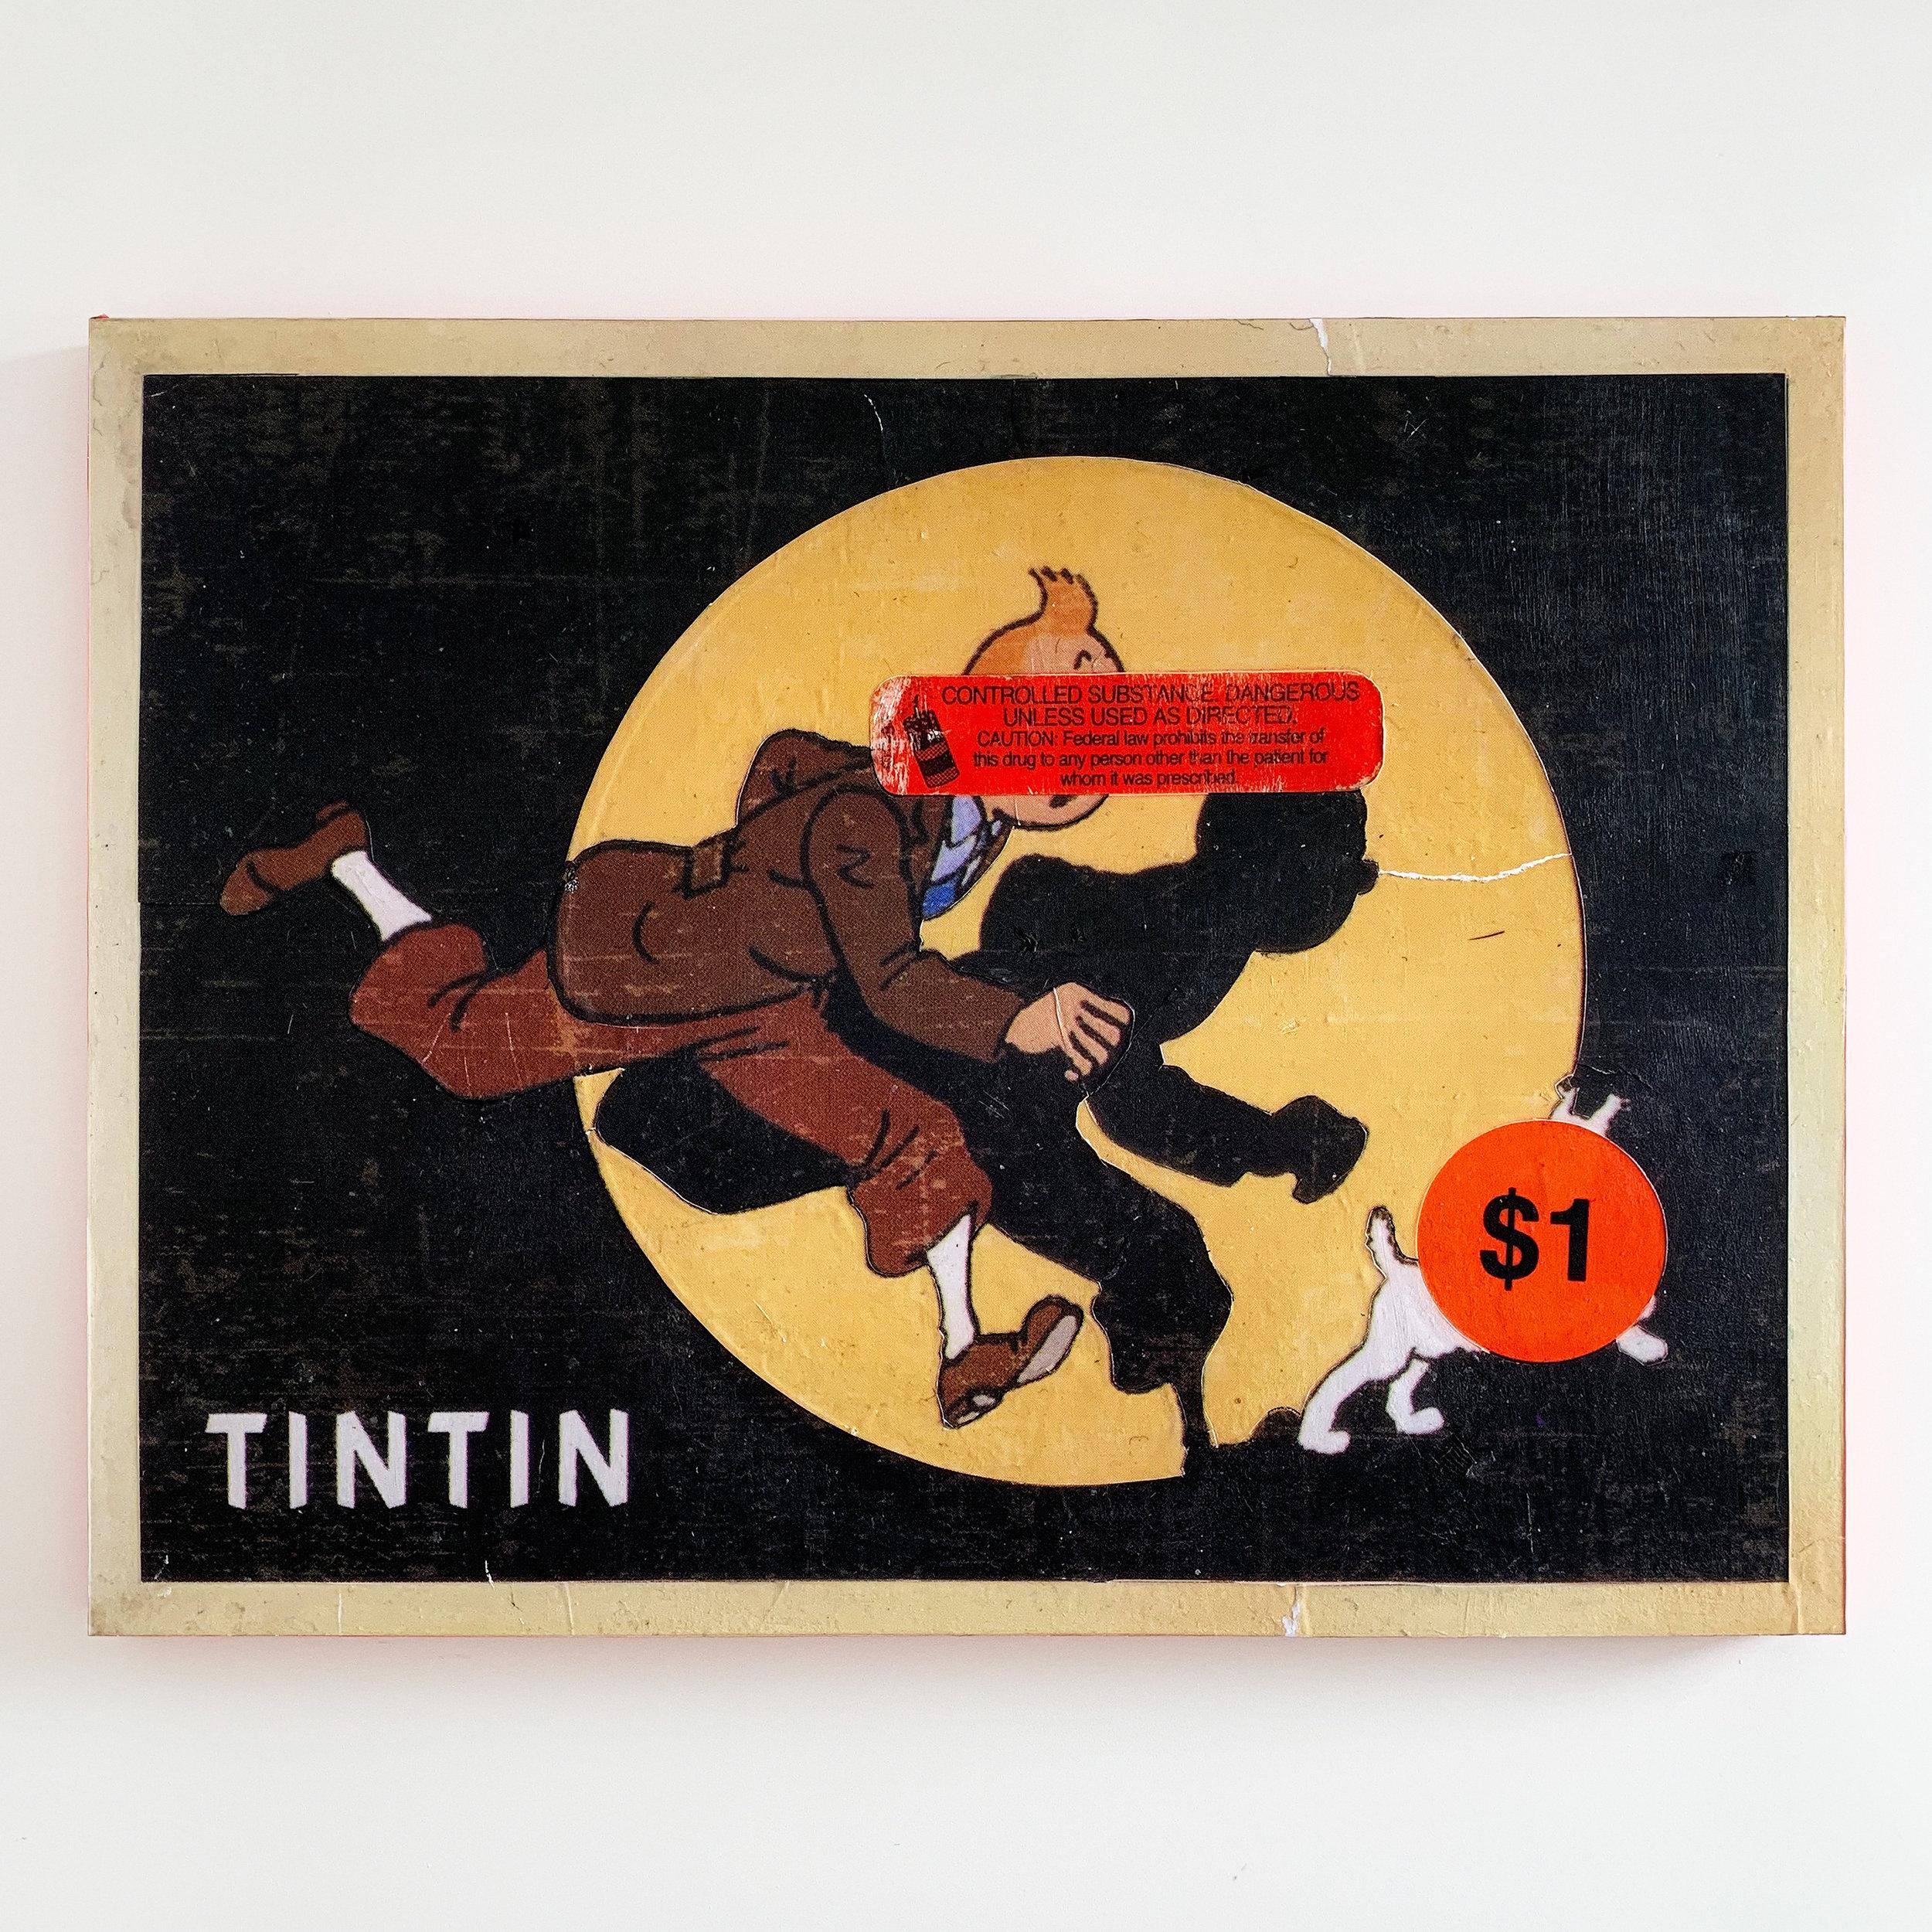 TINTIN_LARGER.jpg